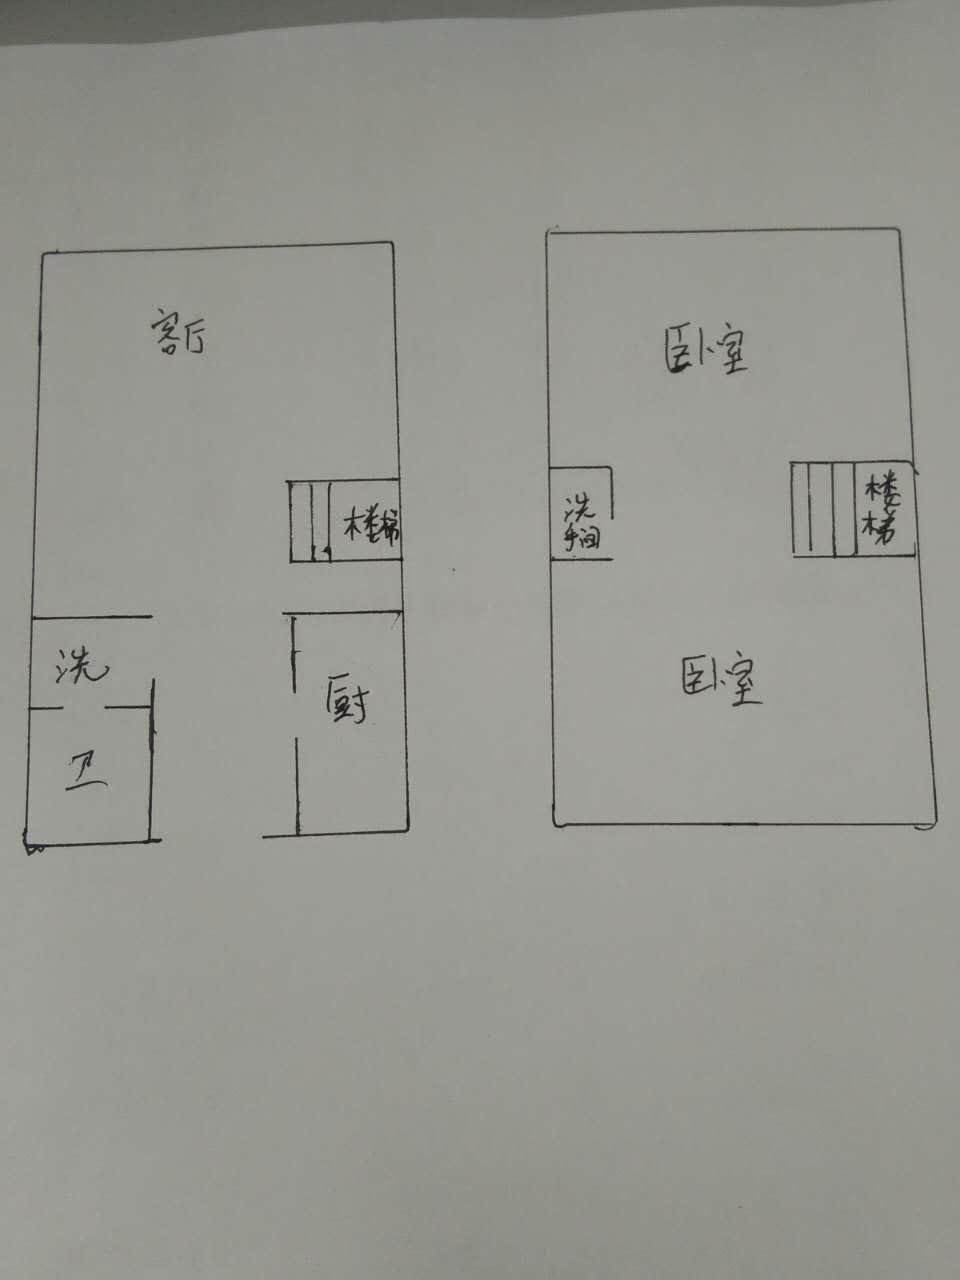 未来城 2室1厅 15楼